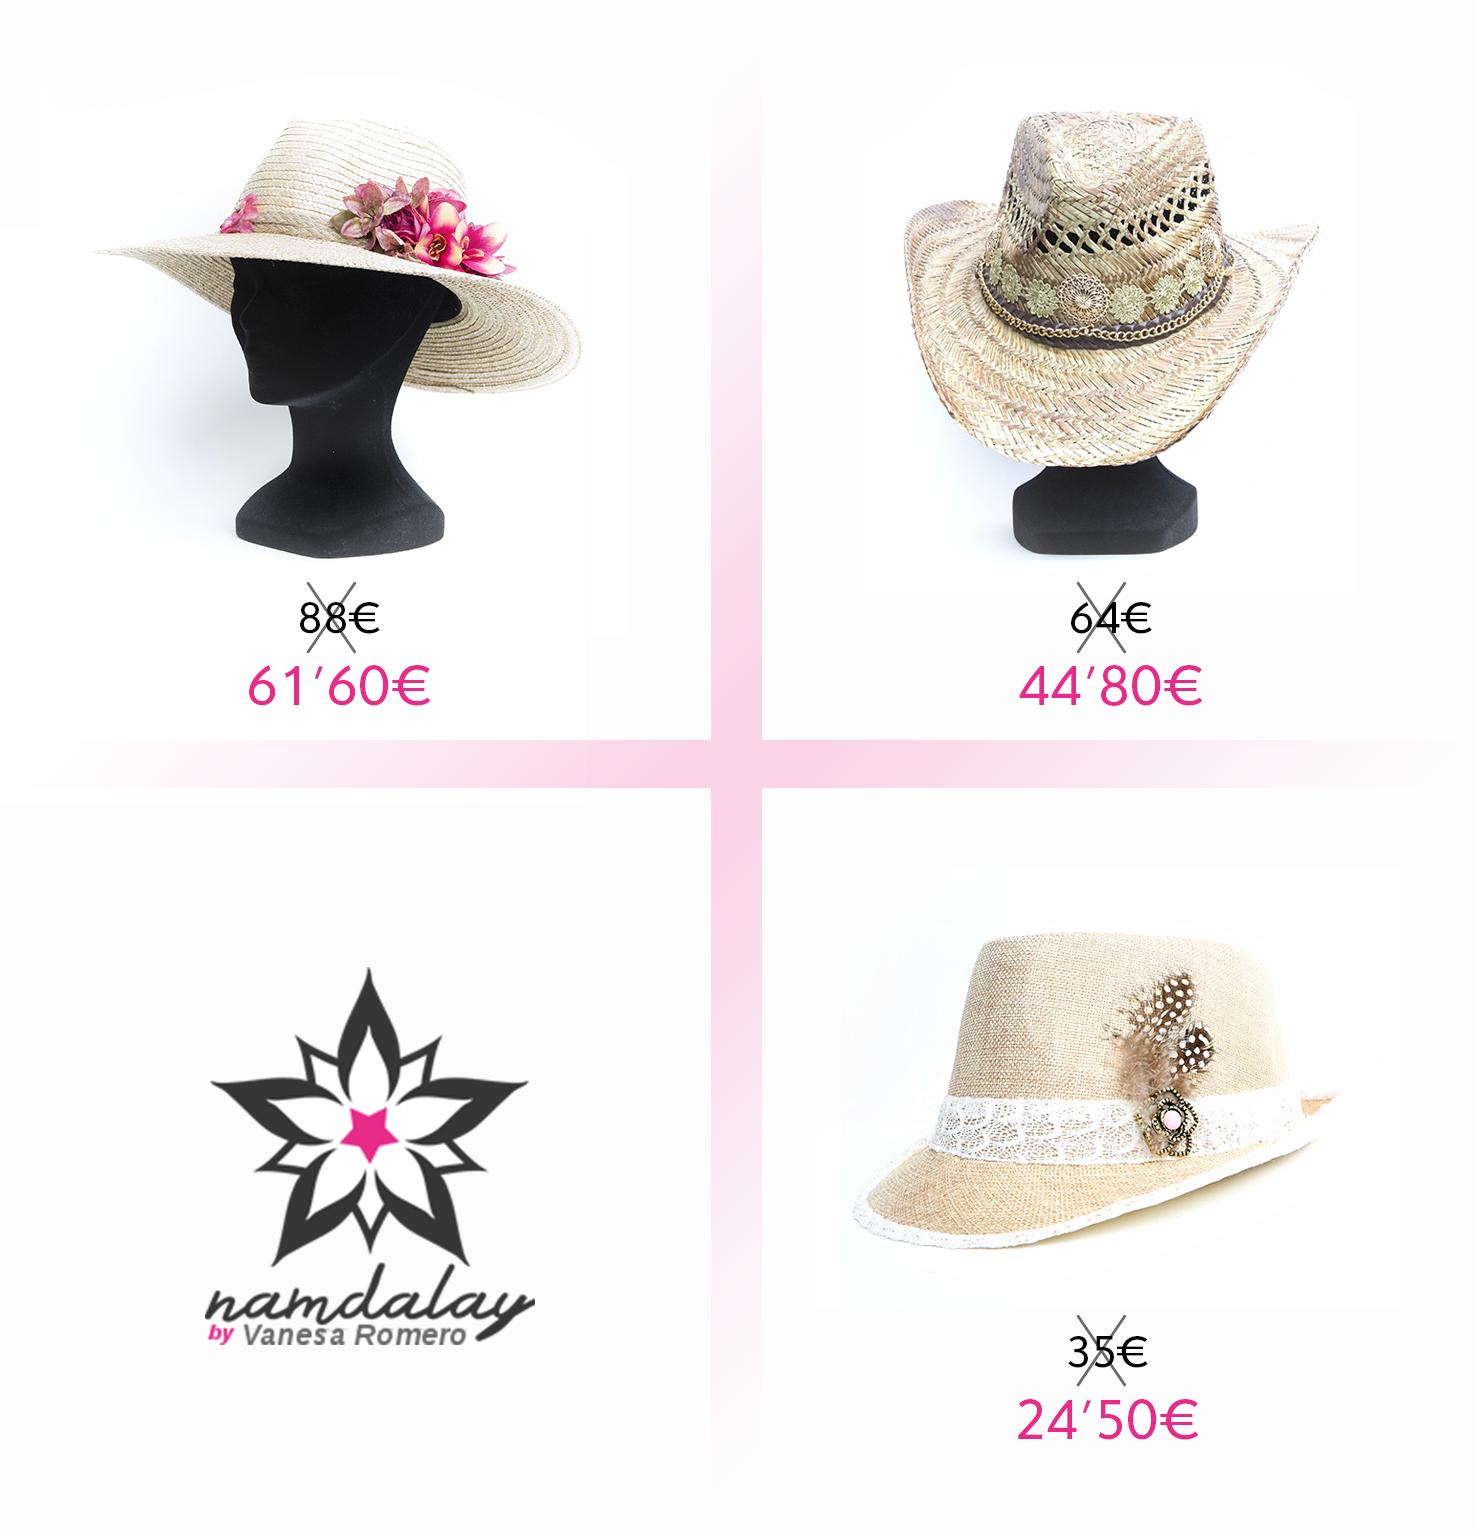 De ala corta, estilo cowgirl, pamela... En Namdalay tenemos los sombreros más apetecibles para encontrar el que mejor se adapte a cada estilo, ¡¡y con un 30% de descuento!!  Entra en www.namdalay.com y elige tu favorito 😉